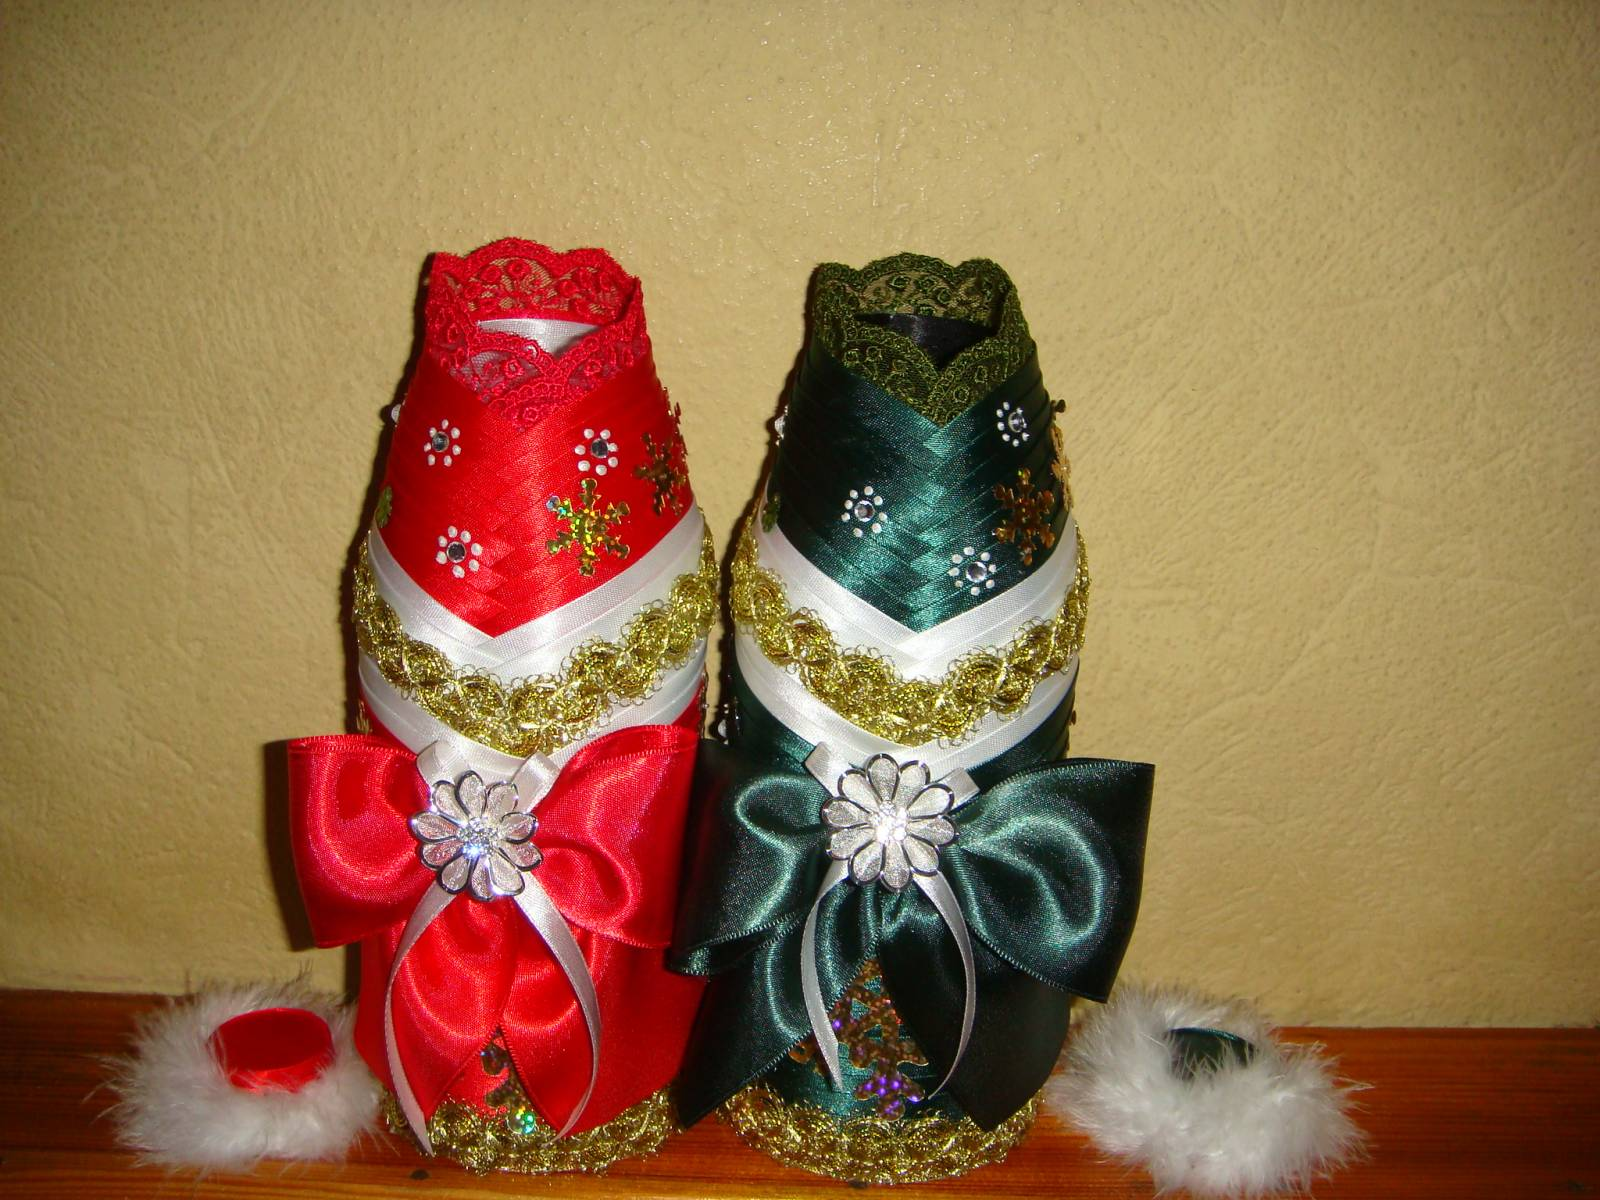 Съемное украшение для шампанского. Дед Мороз. Мастер 79